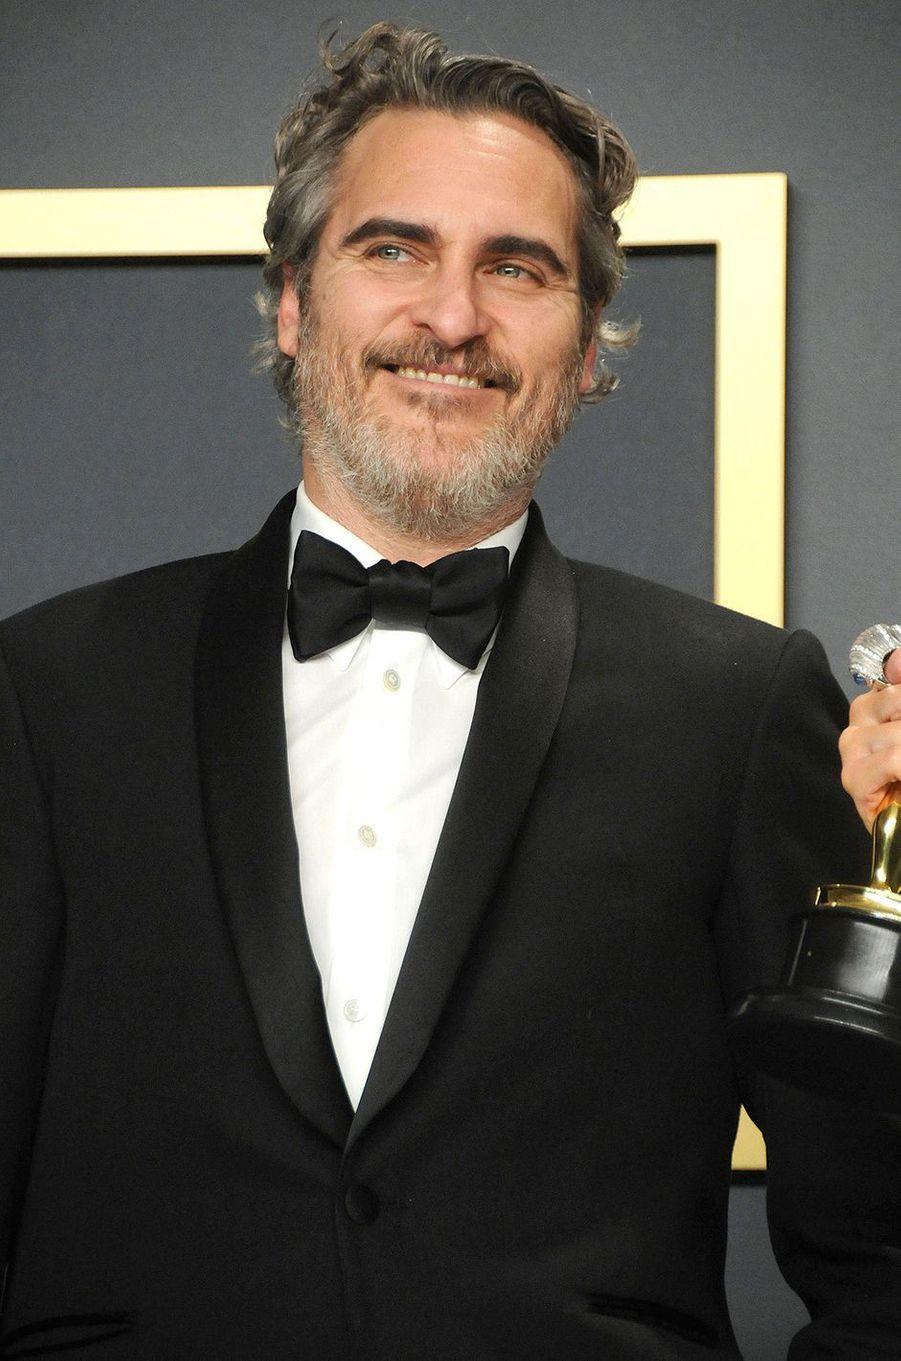 Tendances monde : Joaquin Phoenix est 2e dans le Top 10 des acteurs les plus recherchés sur Google en 2020